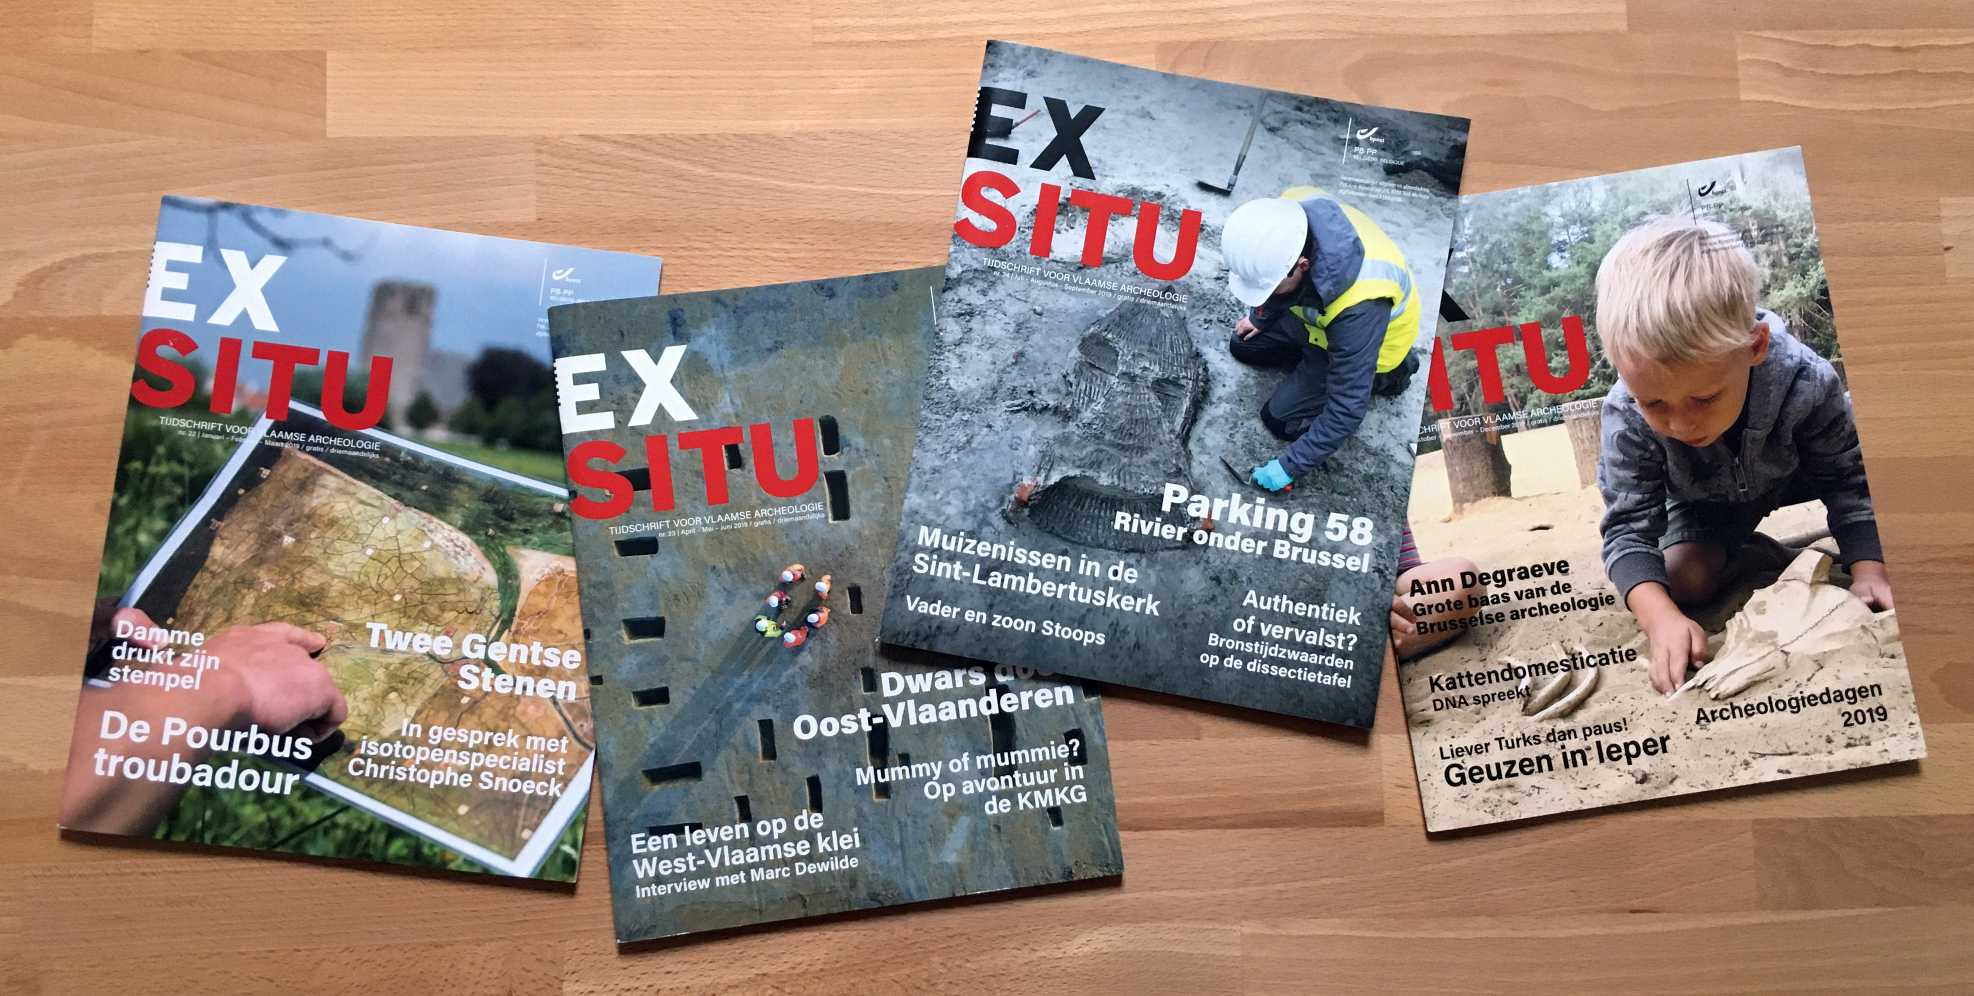 Ex situ